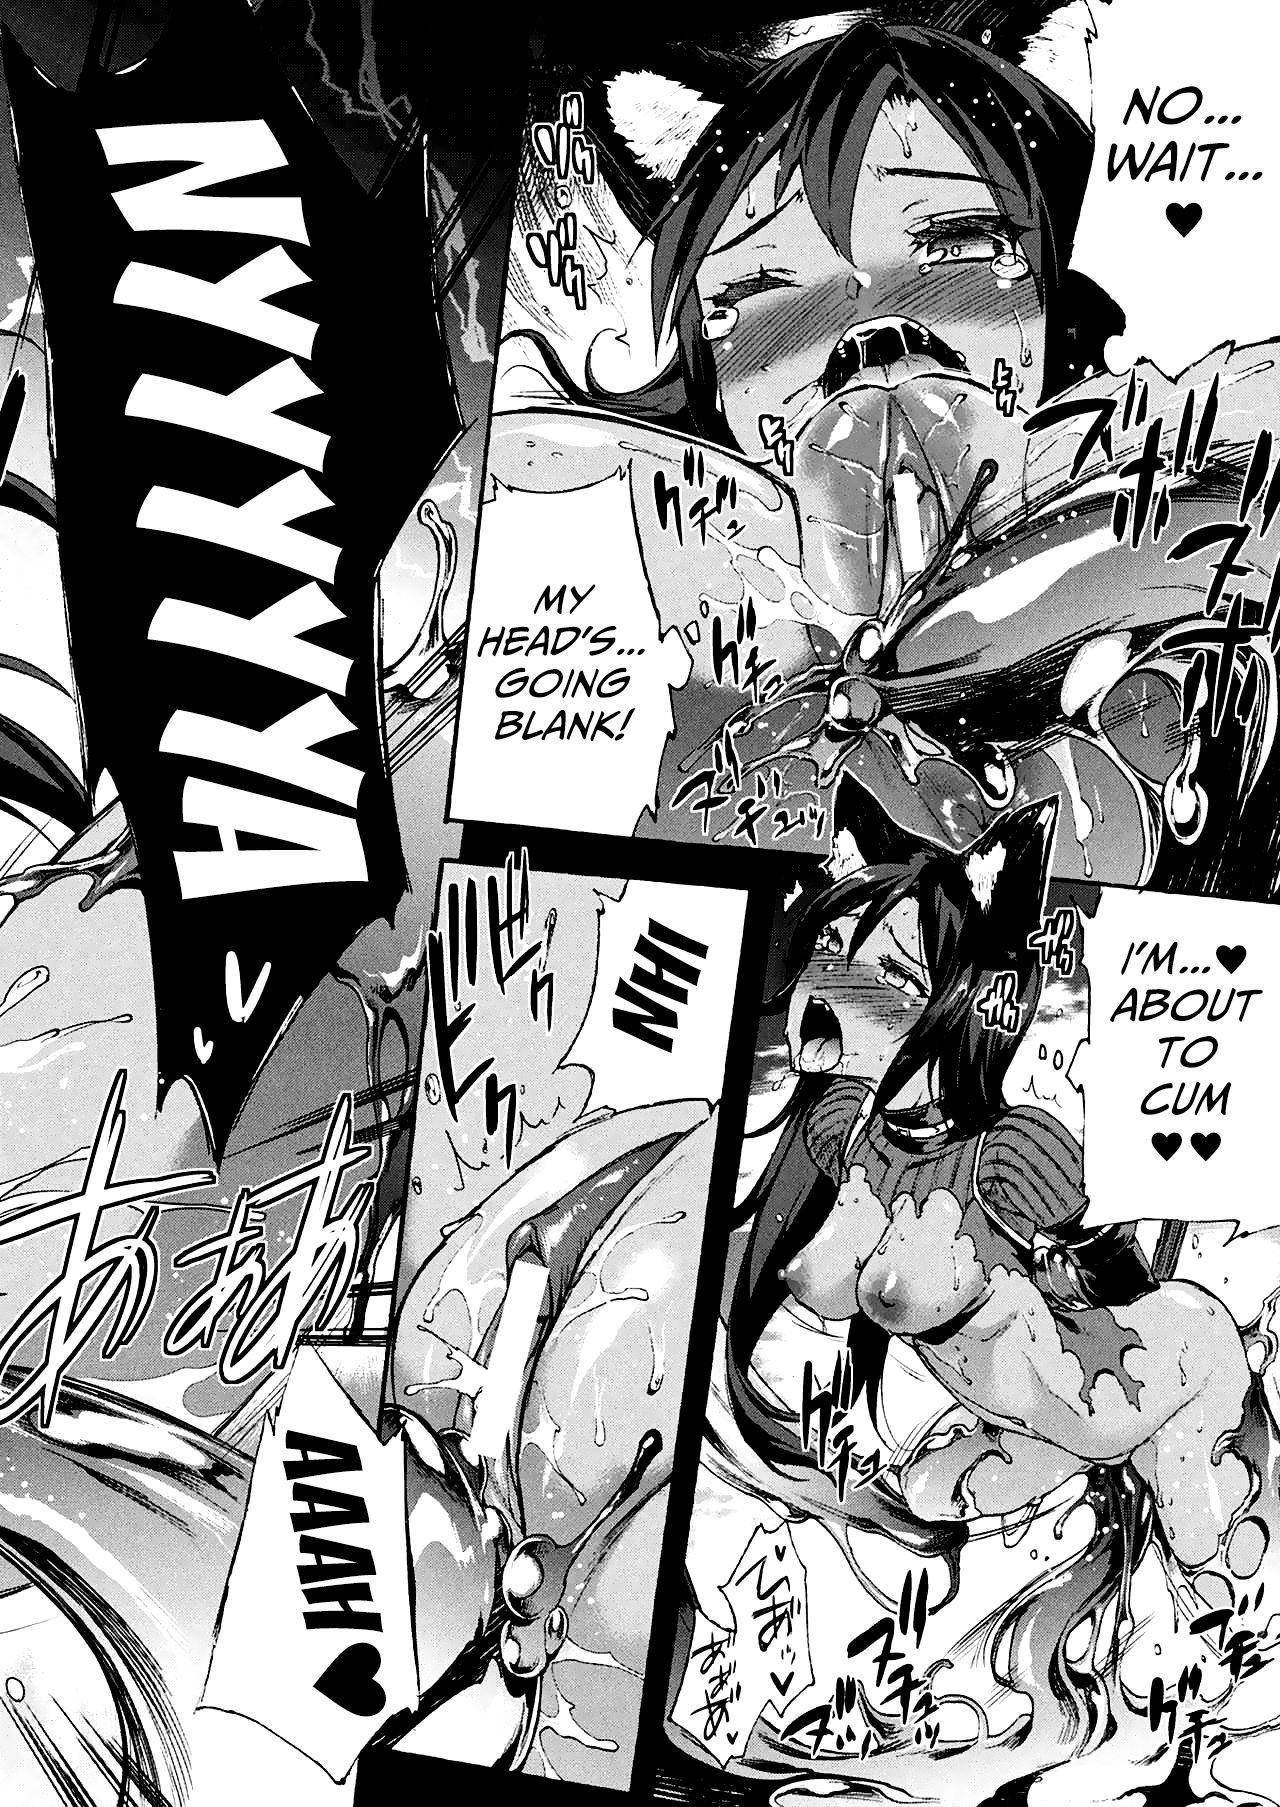 [Erect Sawaru] Raikou Shinki Igis Magia -PANDRA saga 3rd ignition- Ch. 8-11 [English] [Digital] 7